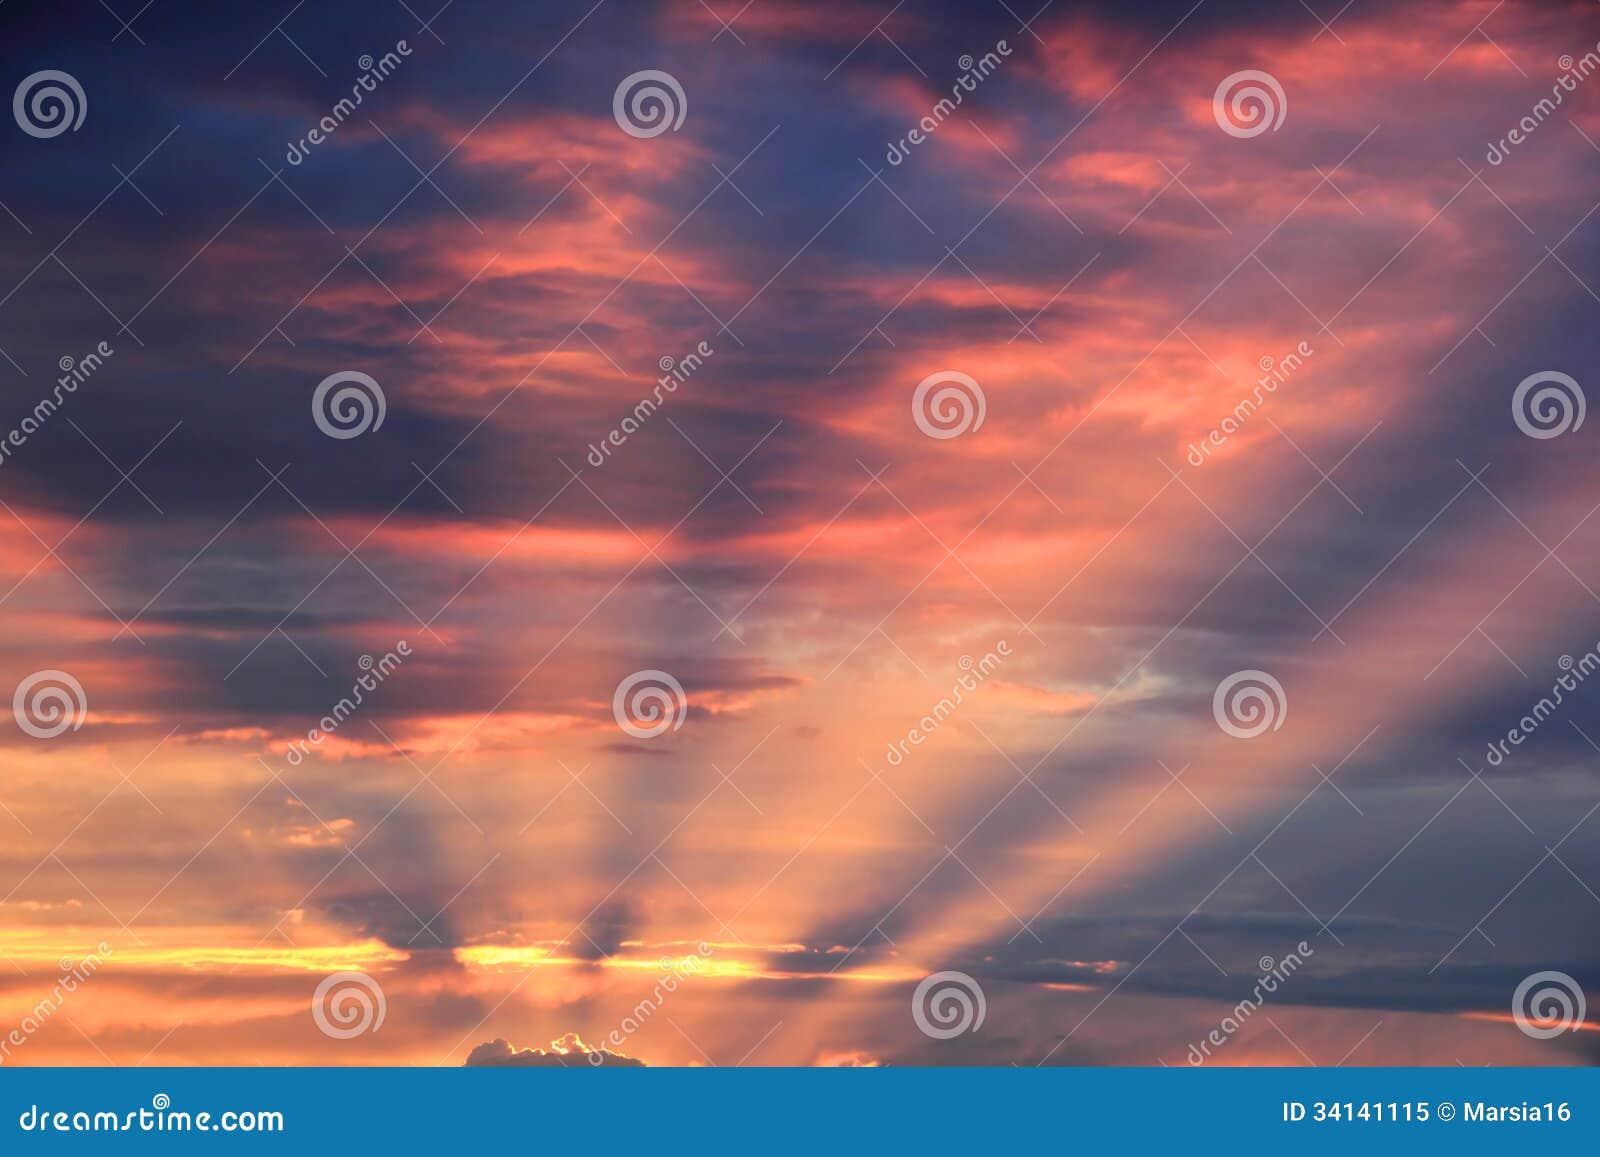 Die Strahlen der untergehenden Sonne